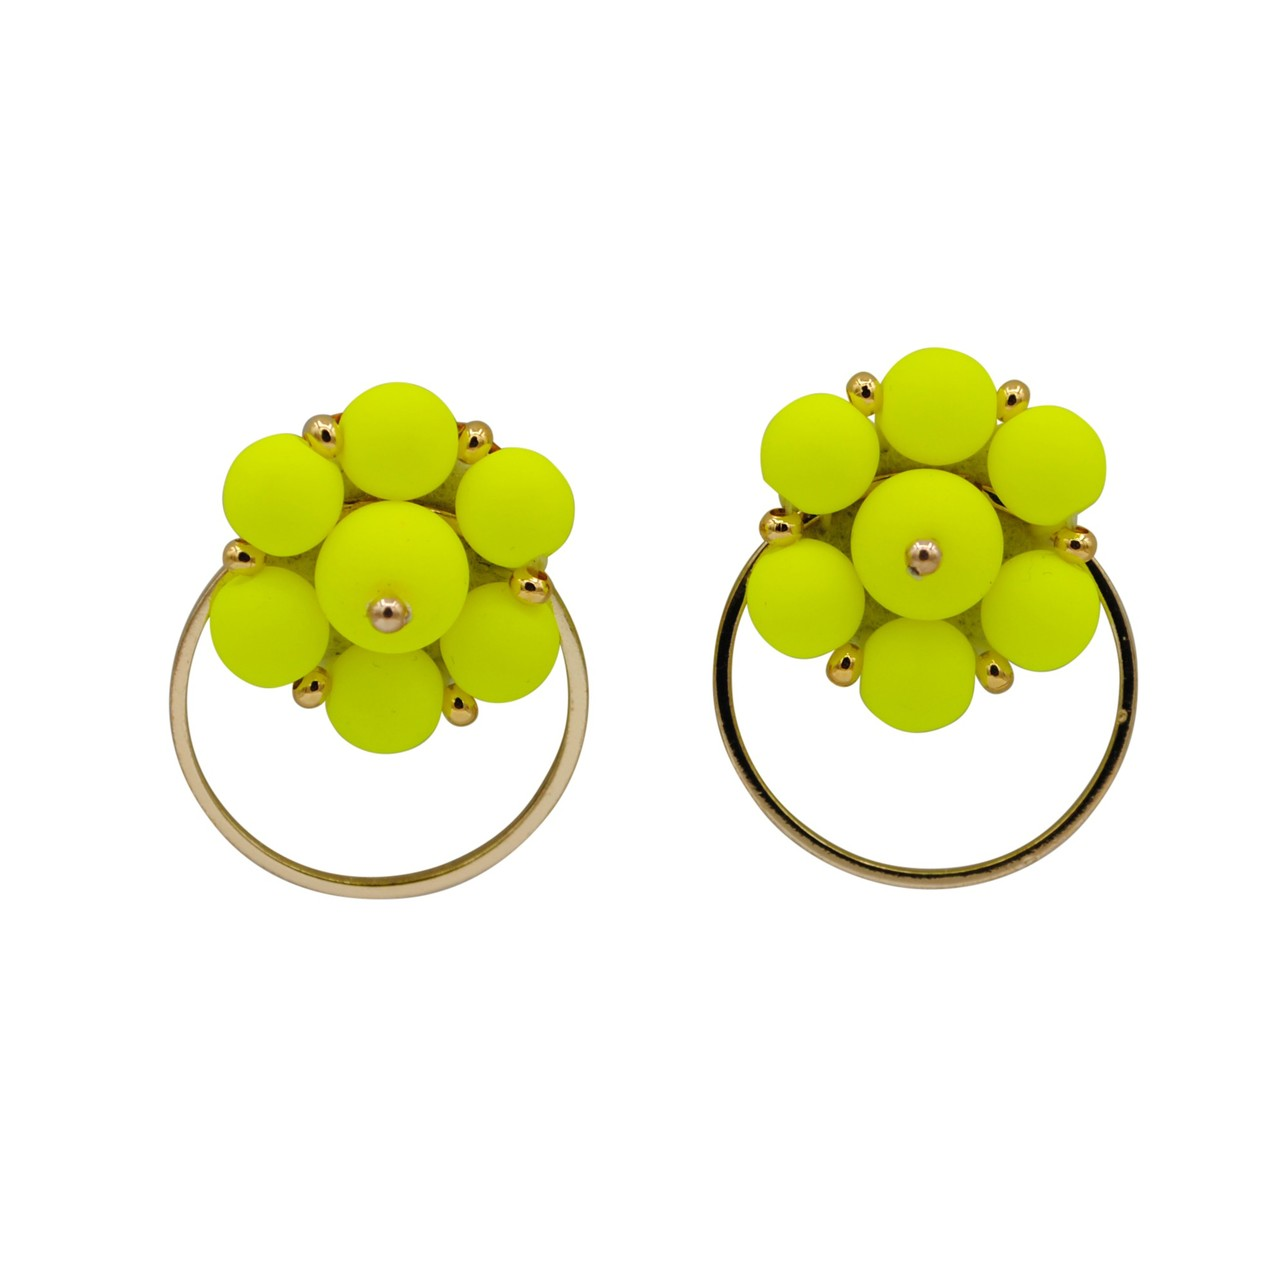 Forever Fiesta Hoop Earrings in Yellow